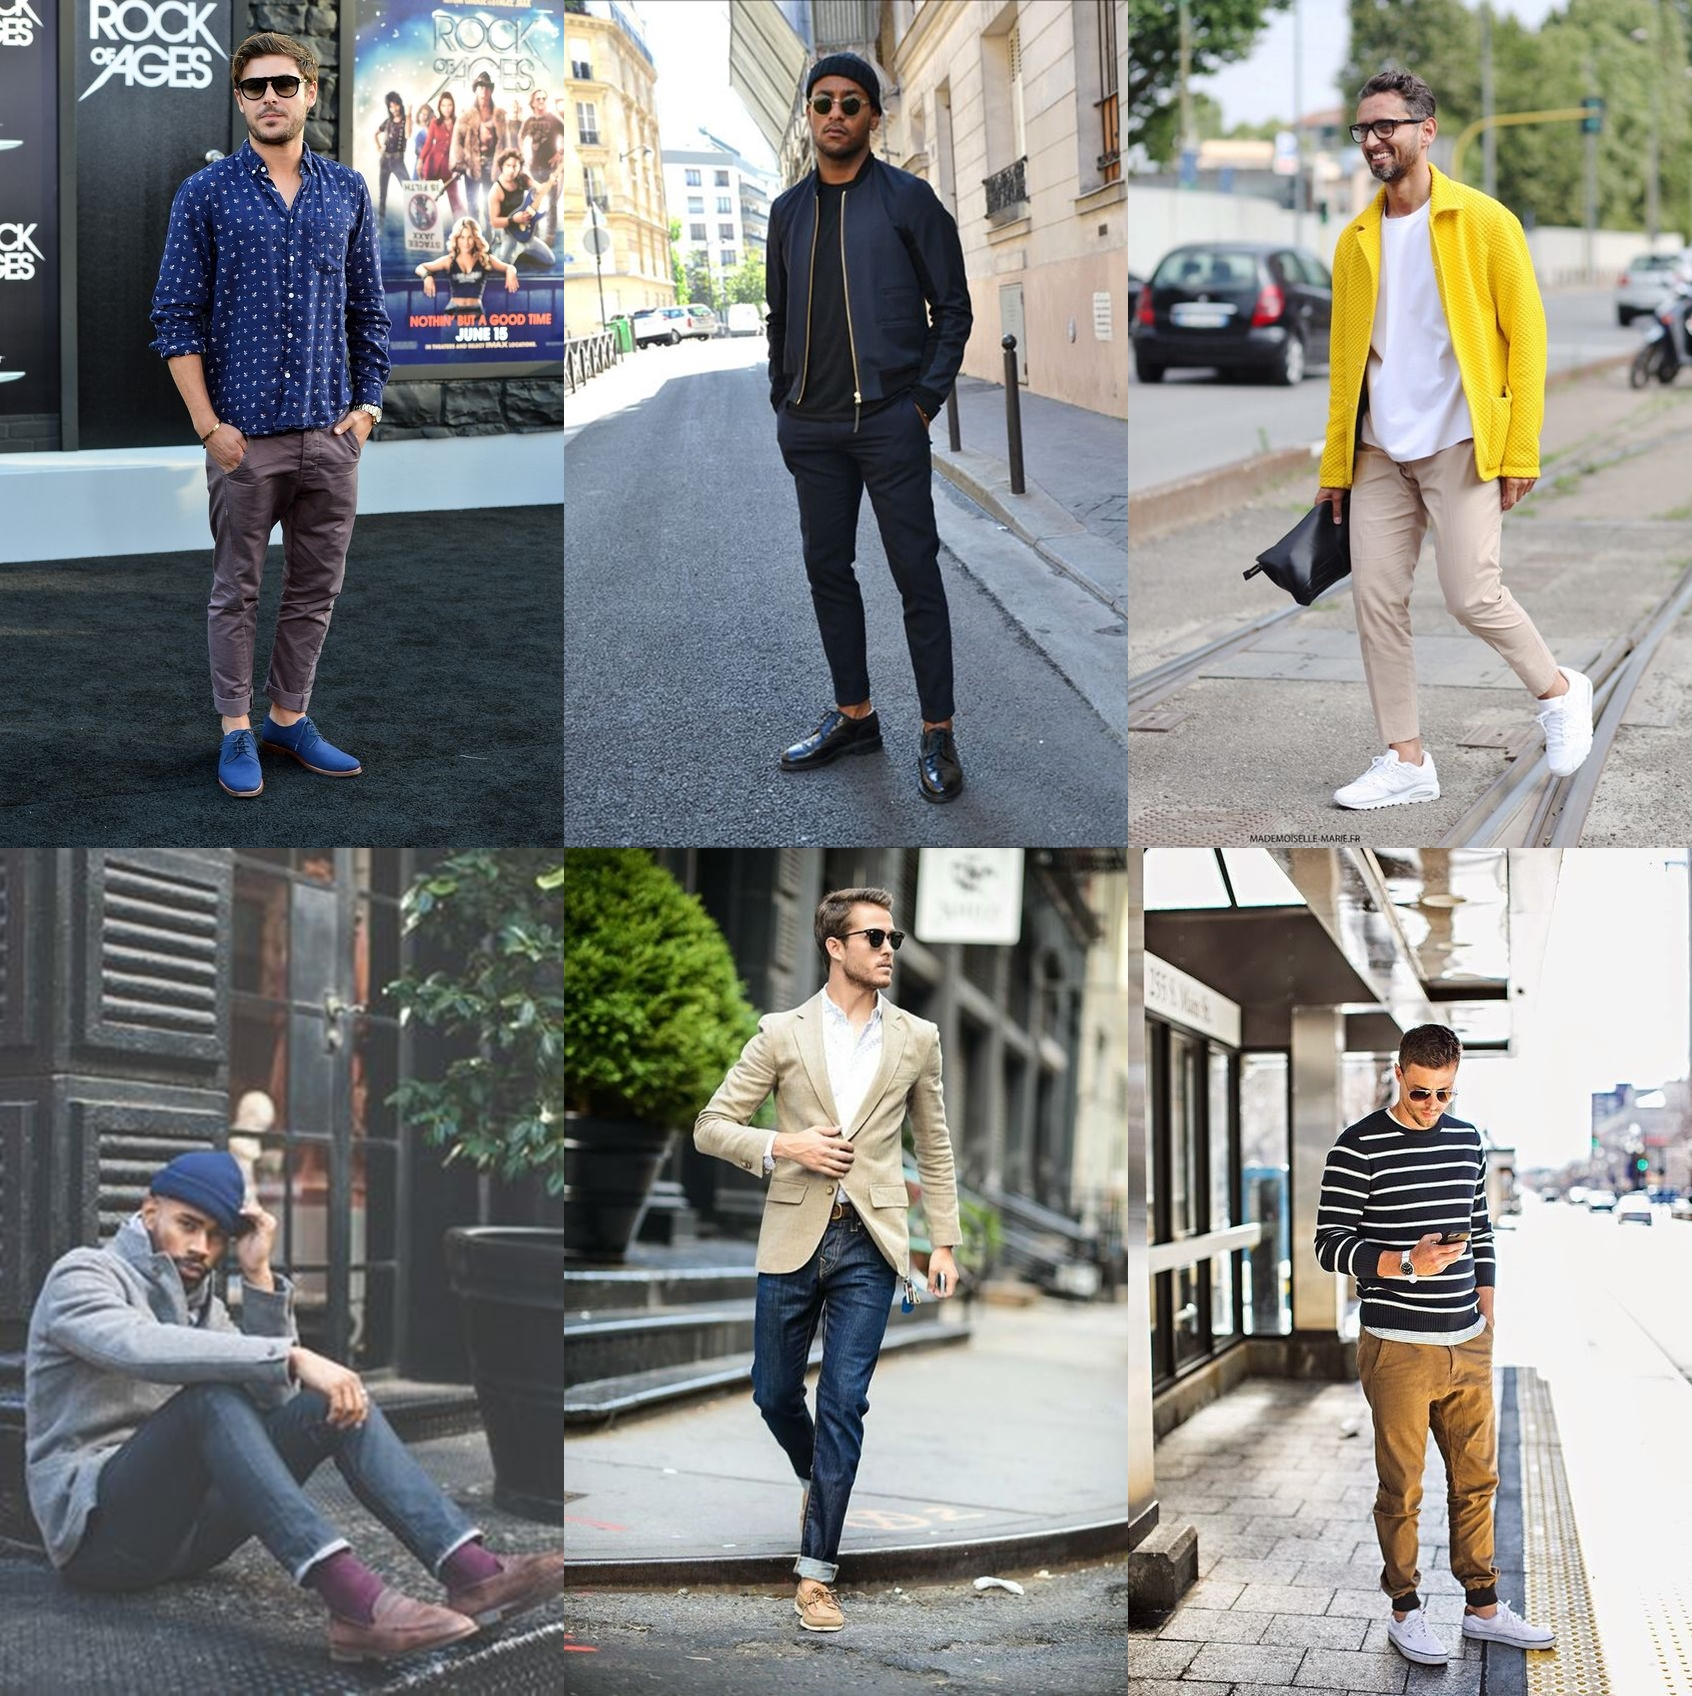 So Cal Clothing >> Calça mais curta é tendência masculina - MODA SEM CENSURA | SITE MASCULINO